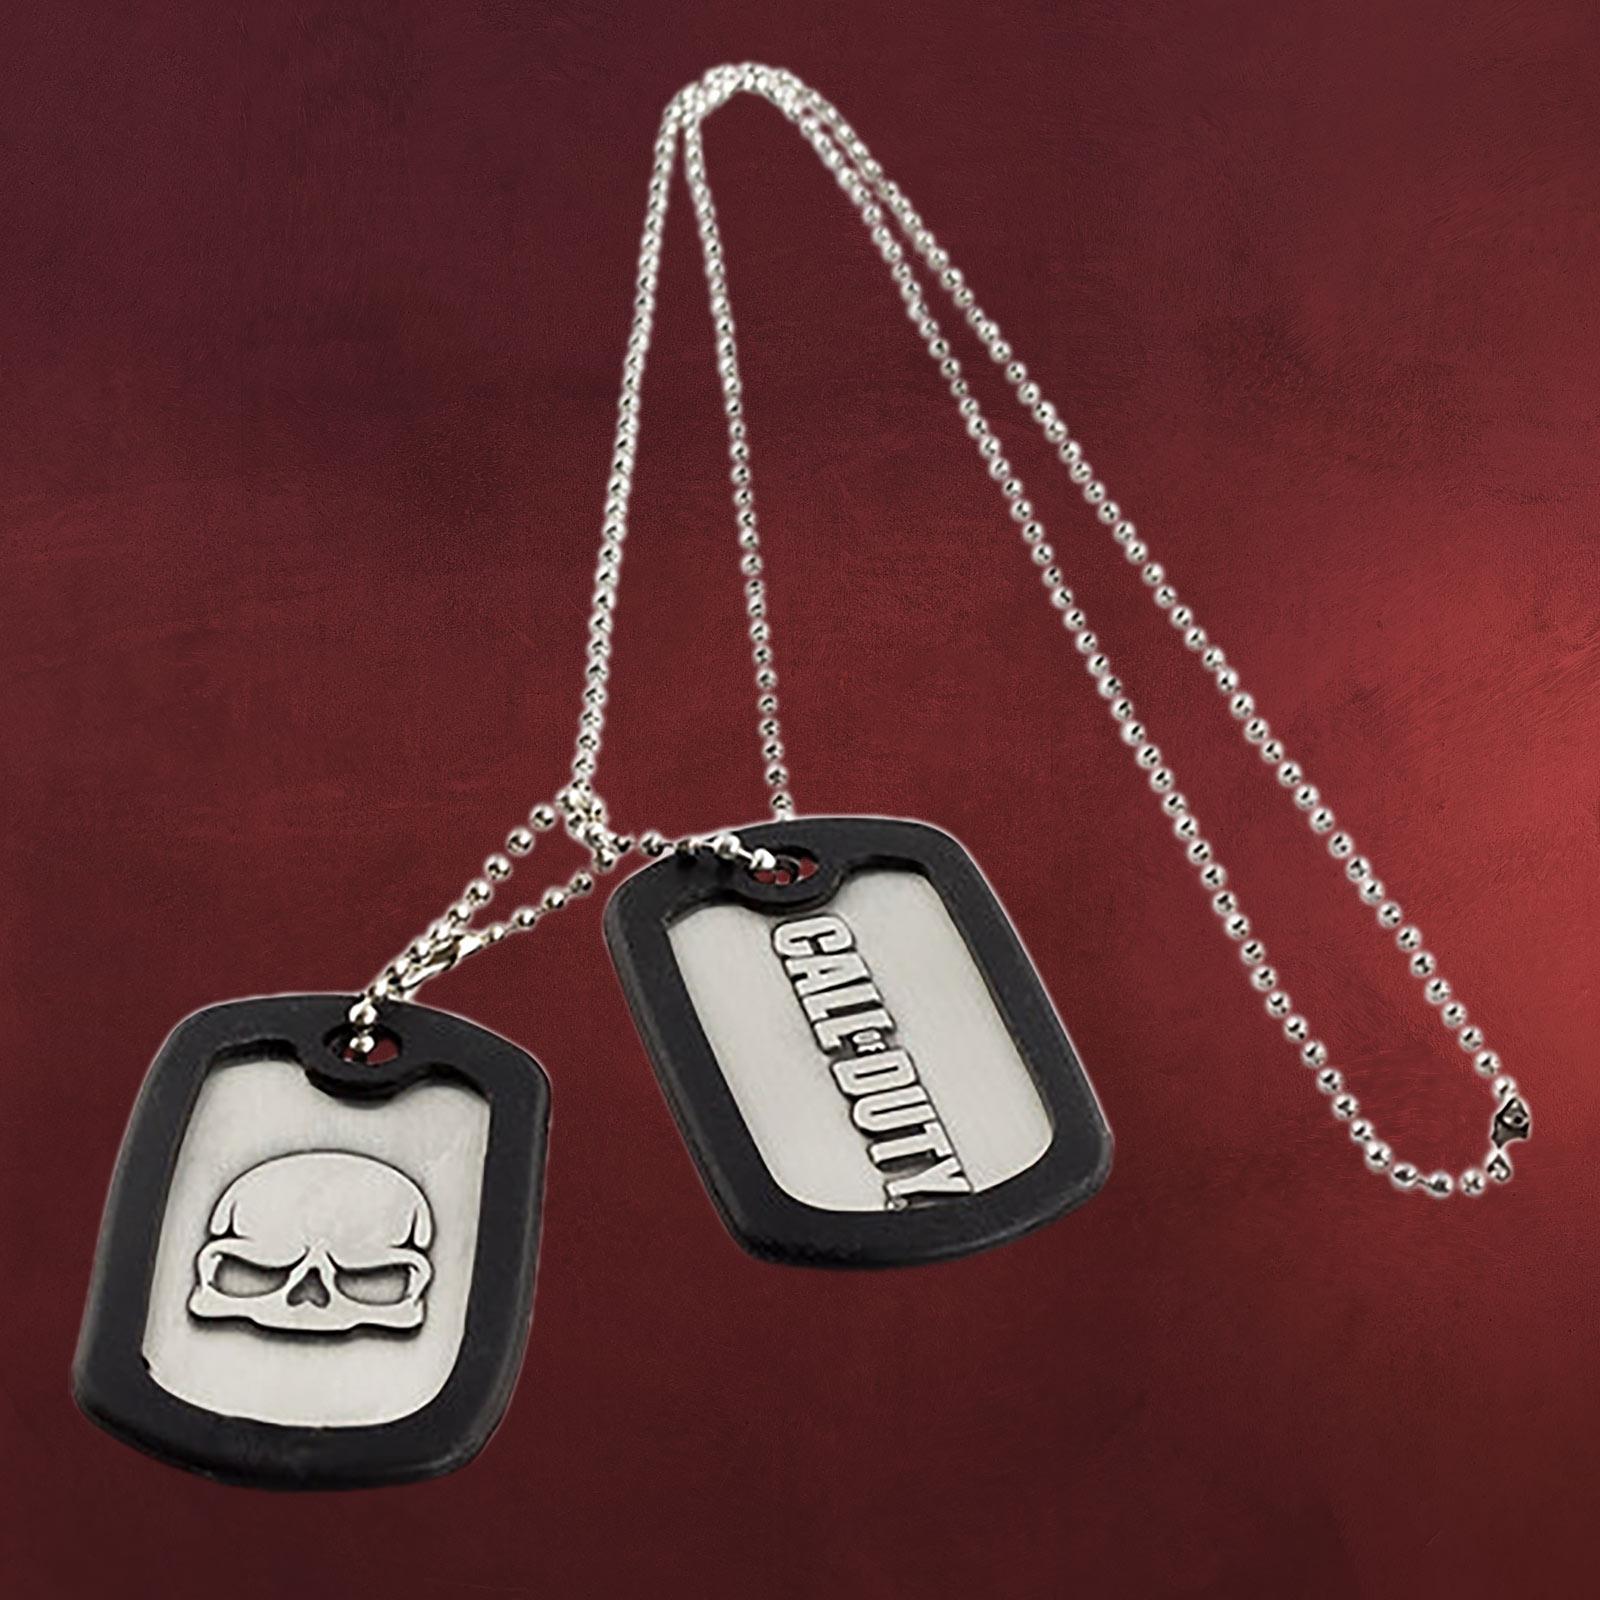 call of duty logo dog tag kette elbenwald. Black Bedroom Furniture Sets. Home Design Ideas